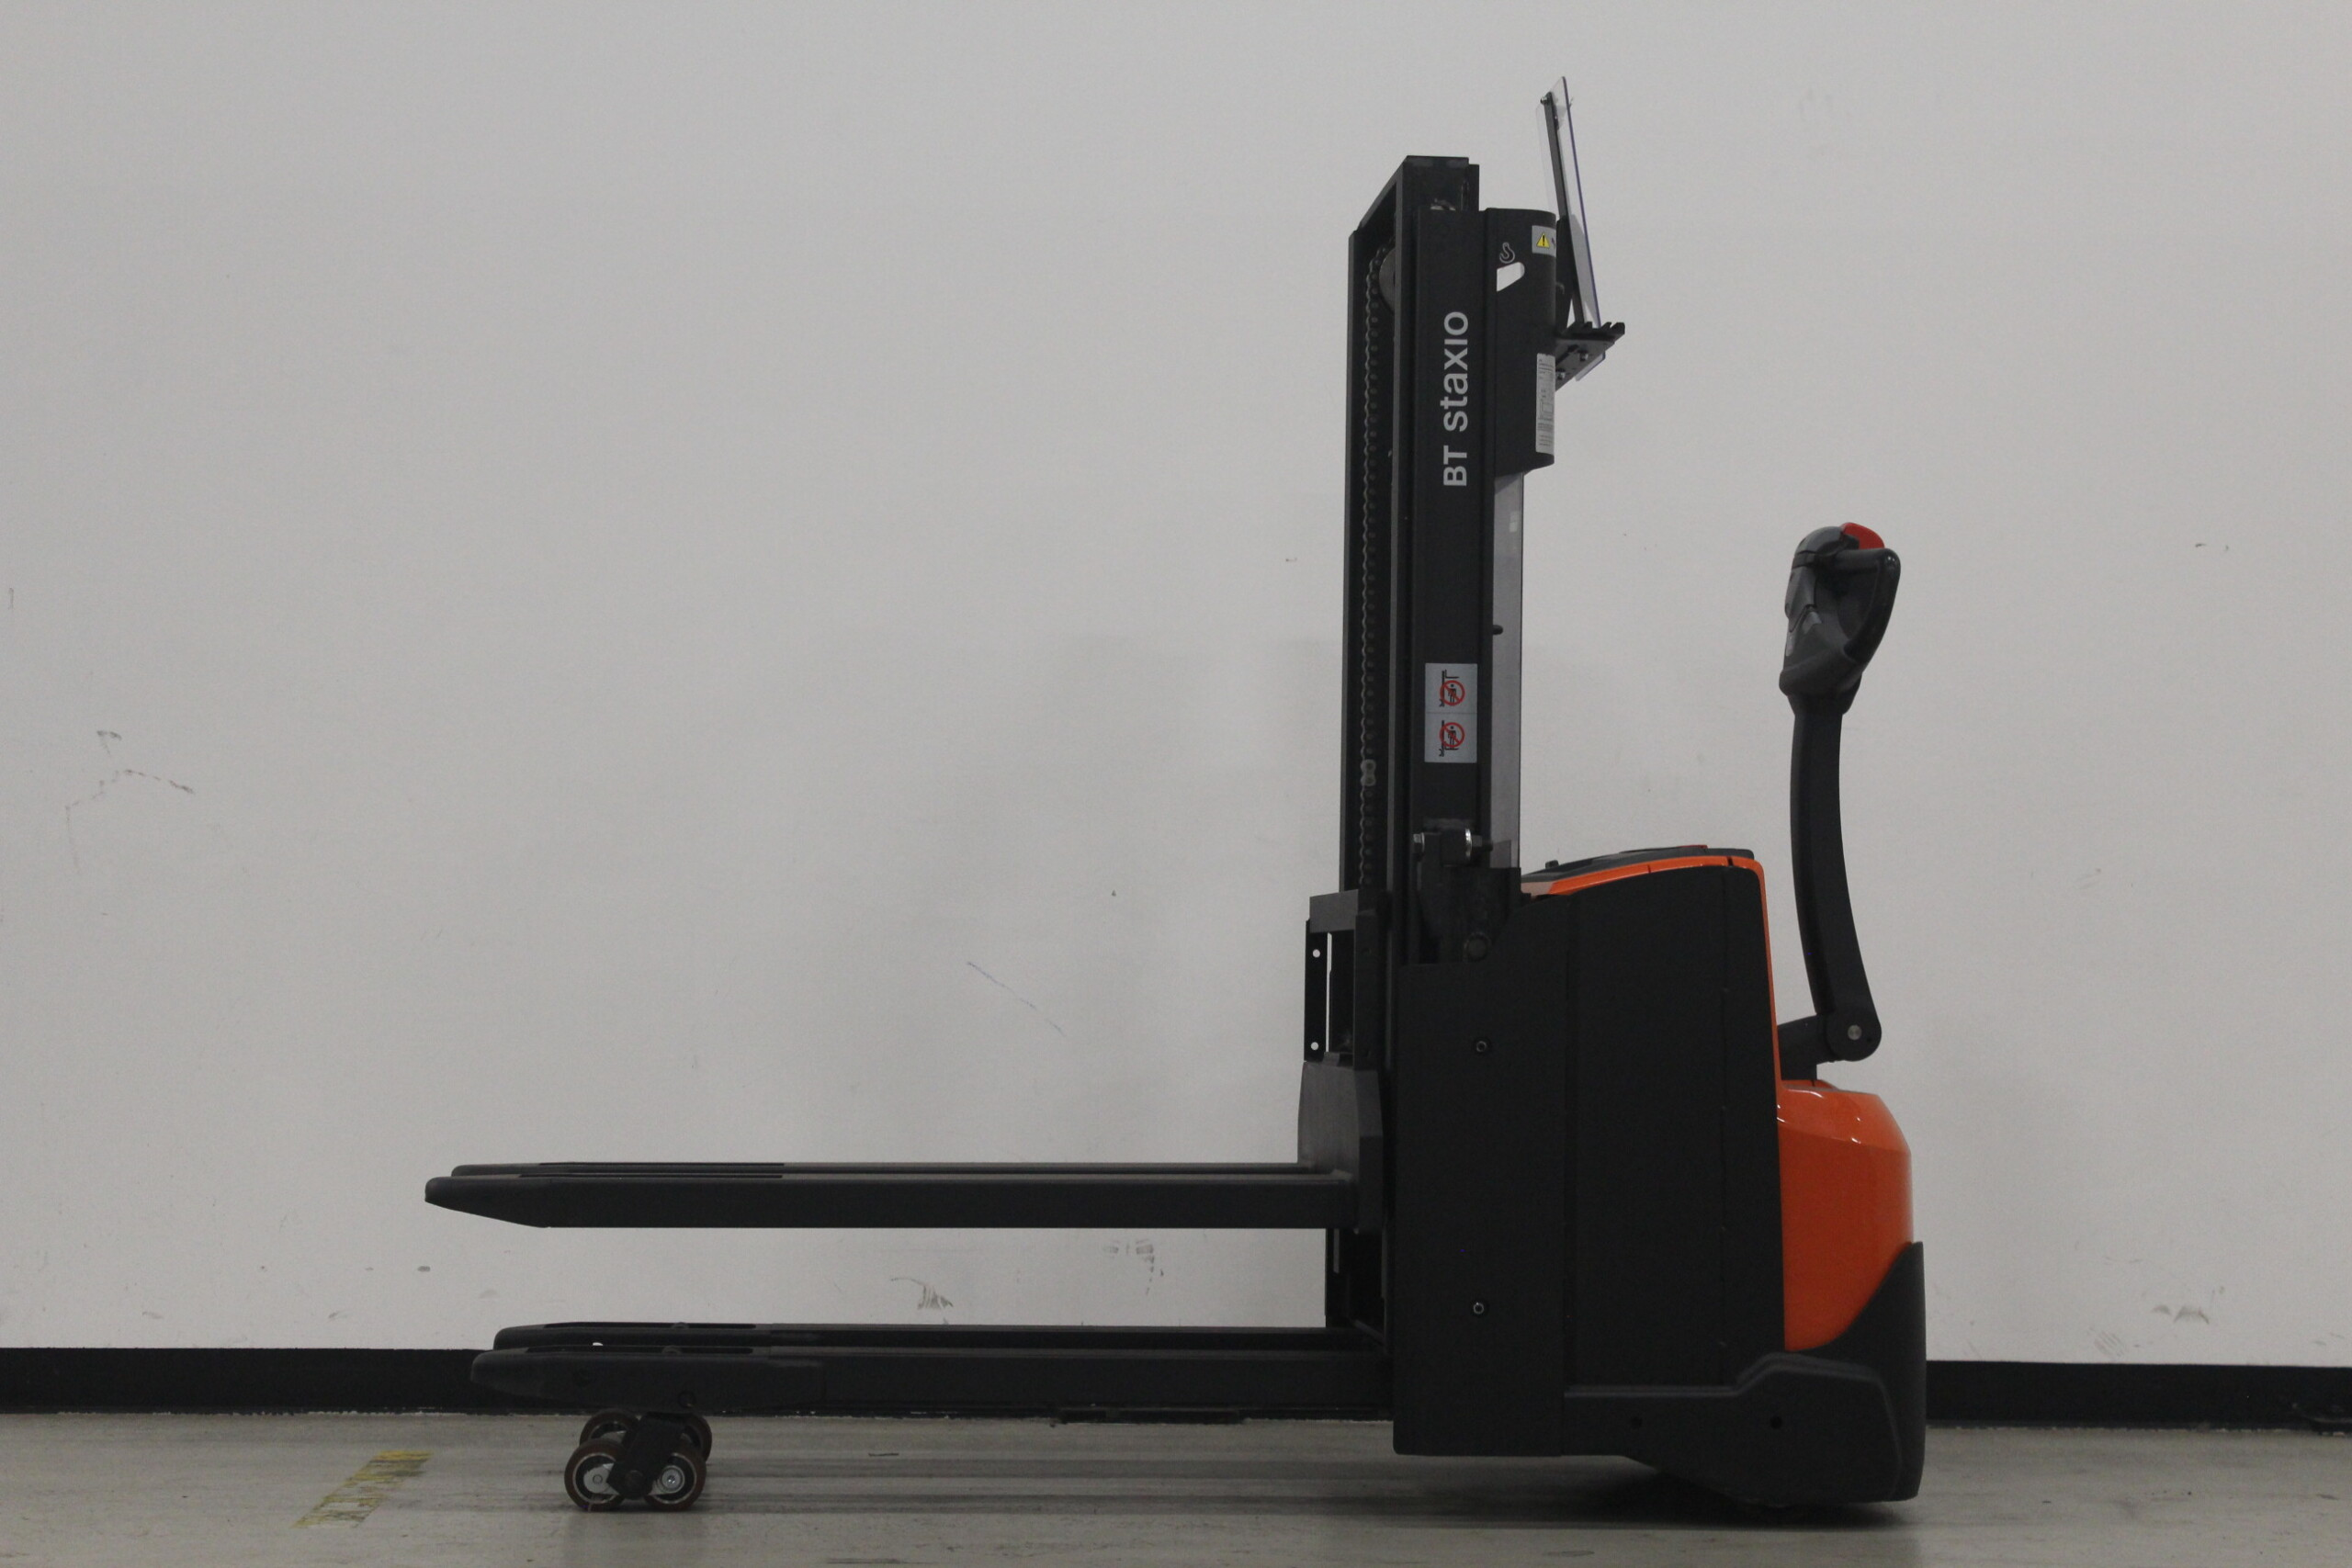 Toyota-Gabelstapler-59840 1610088281 1 4 scaled